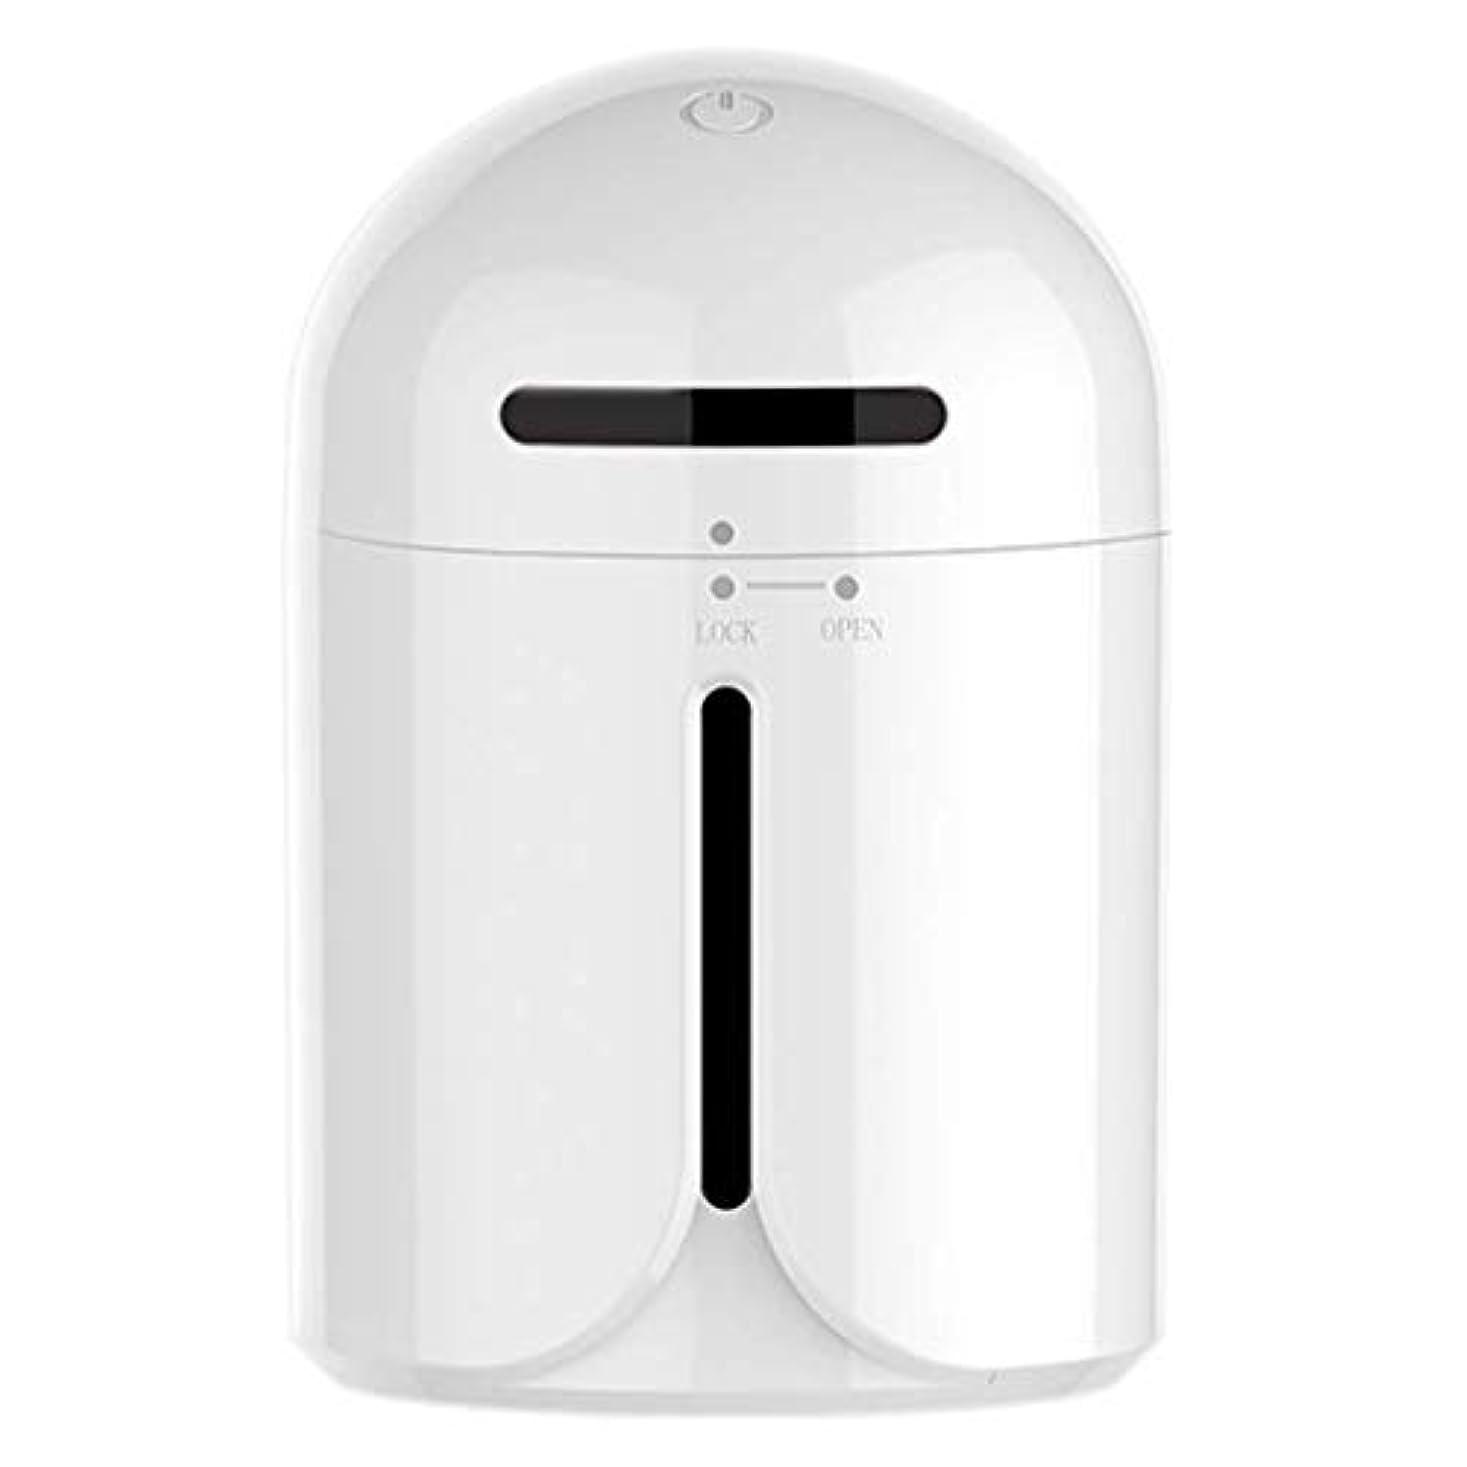 後継呼び出す回転超音波加湿器、車のアロマディフューザー加湿器、気分を和らげるための健康的な肌の改善、睡眠の改善、清潔で清潔な新鮮な空気の浄化、LEDライトミュート (Color : 白)